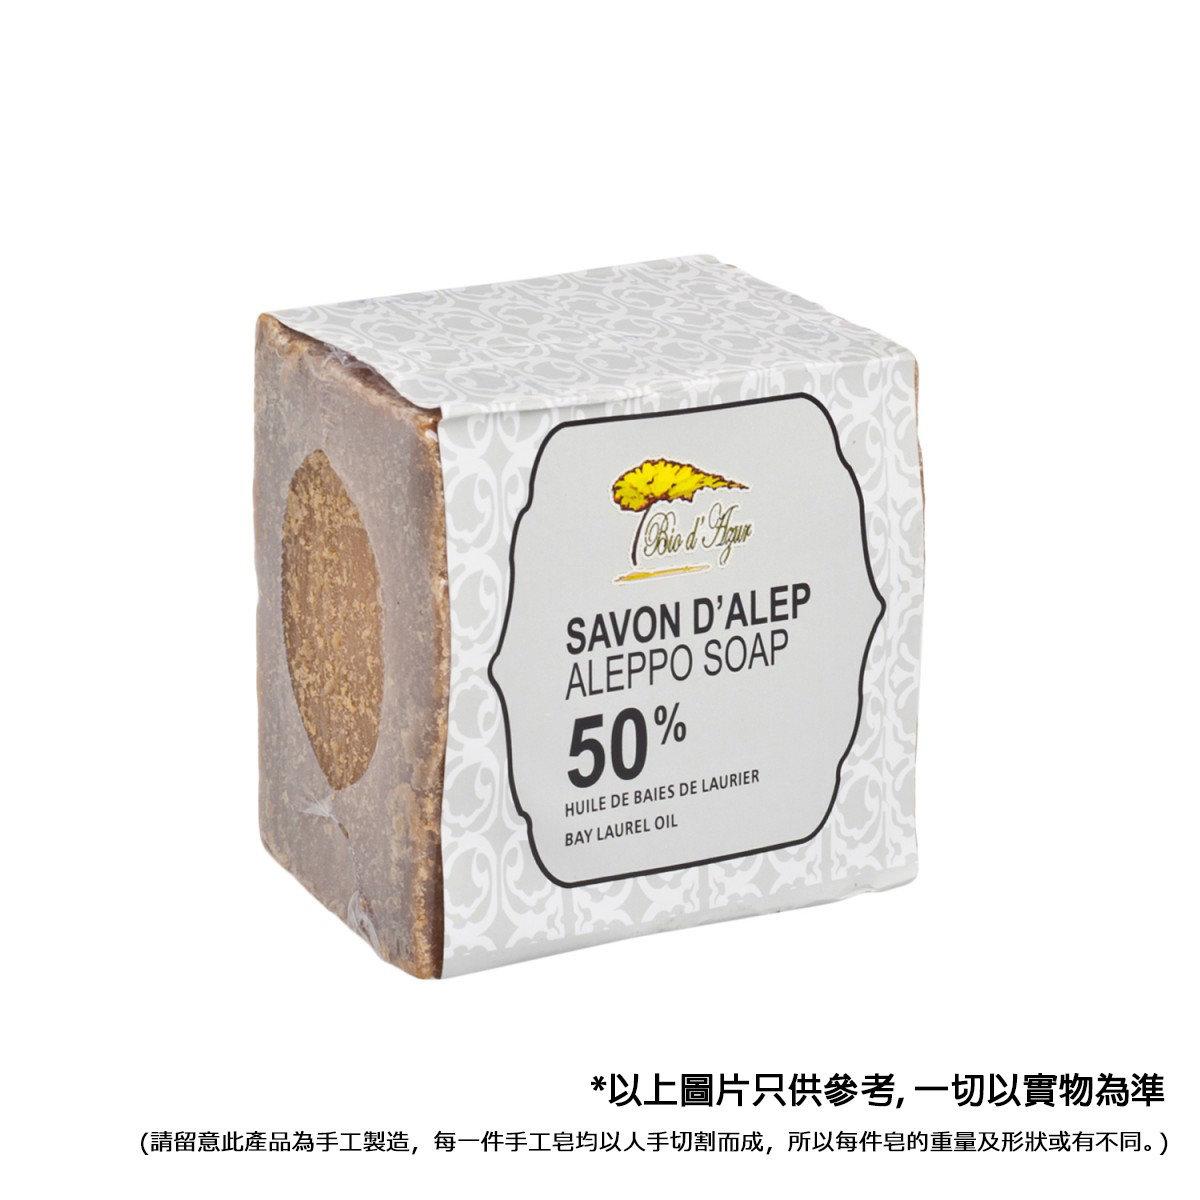 敘利亞阿勒頗手工皂 50% 月桂油